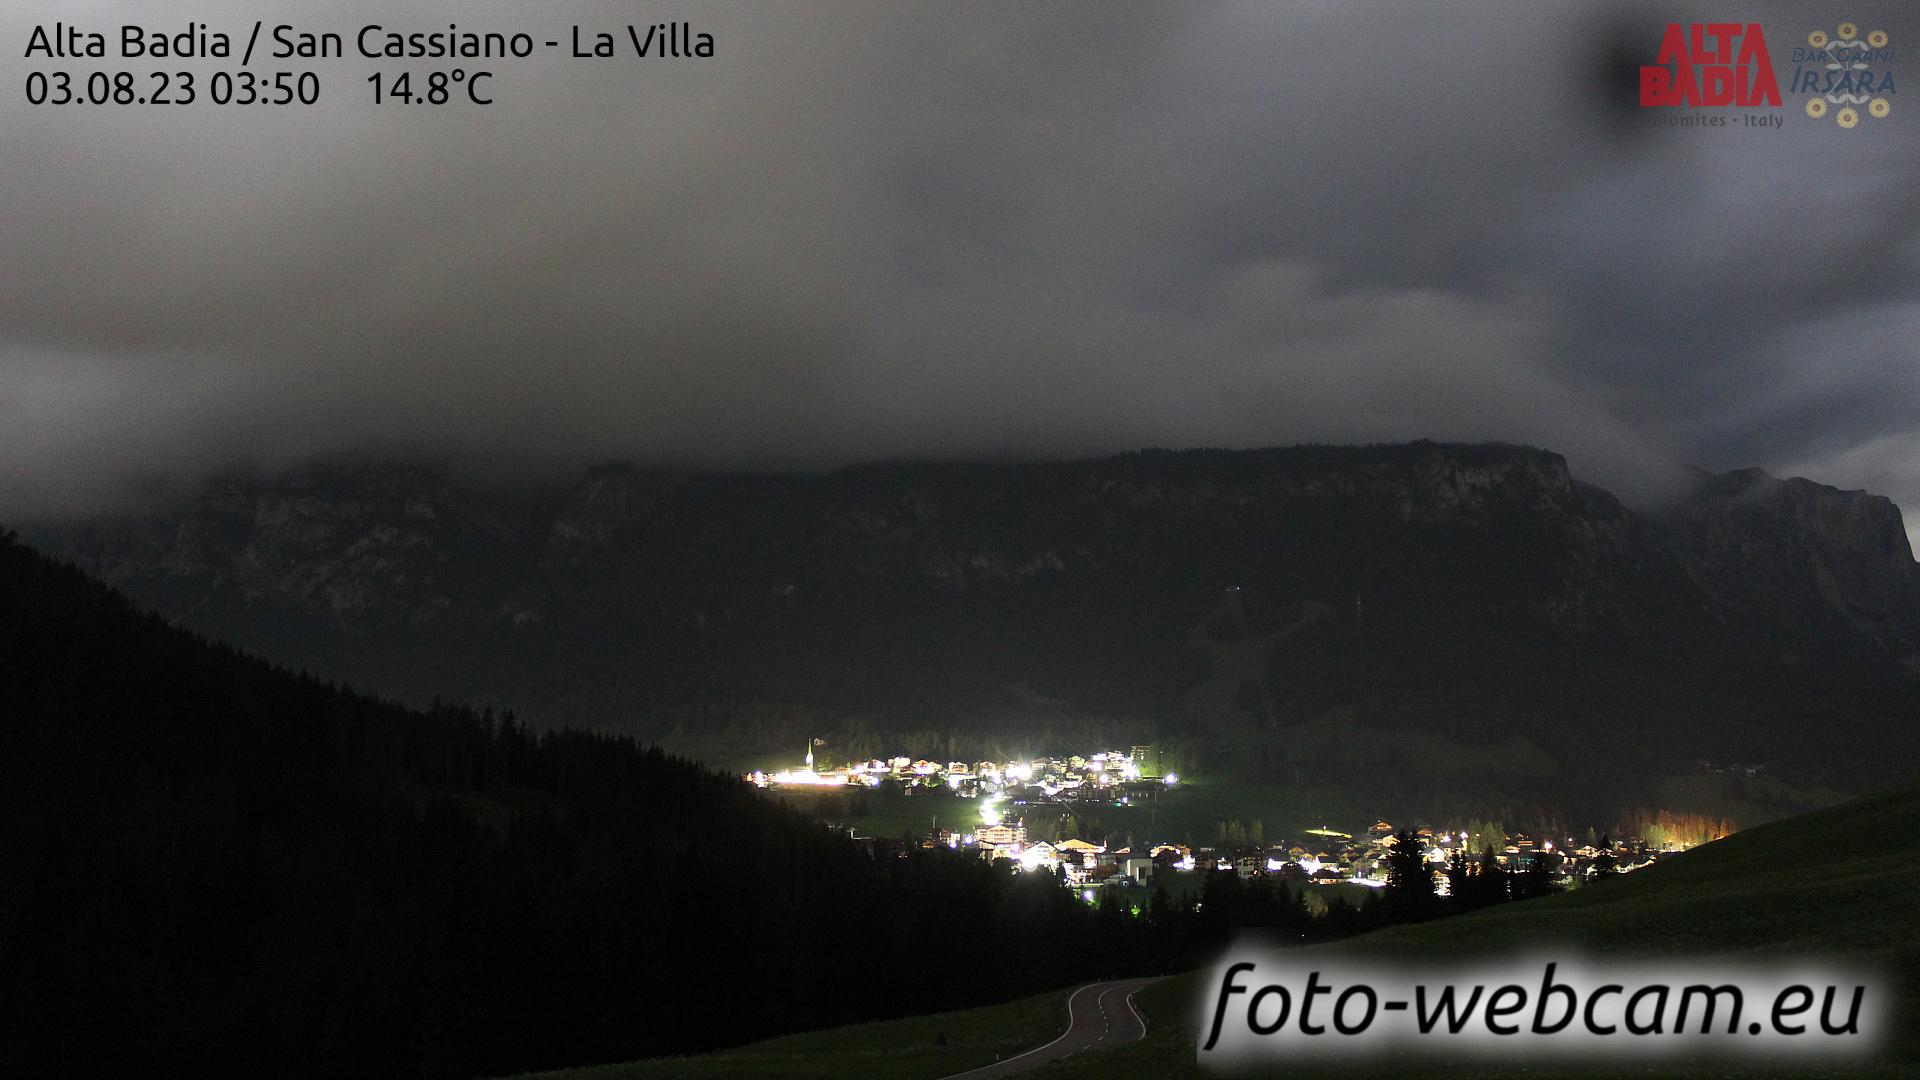 San Cassiano Mon. 04:04